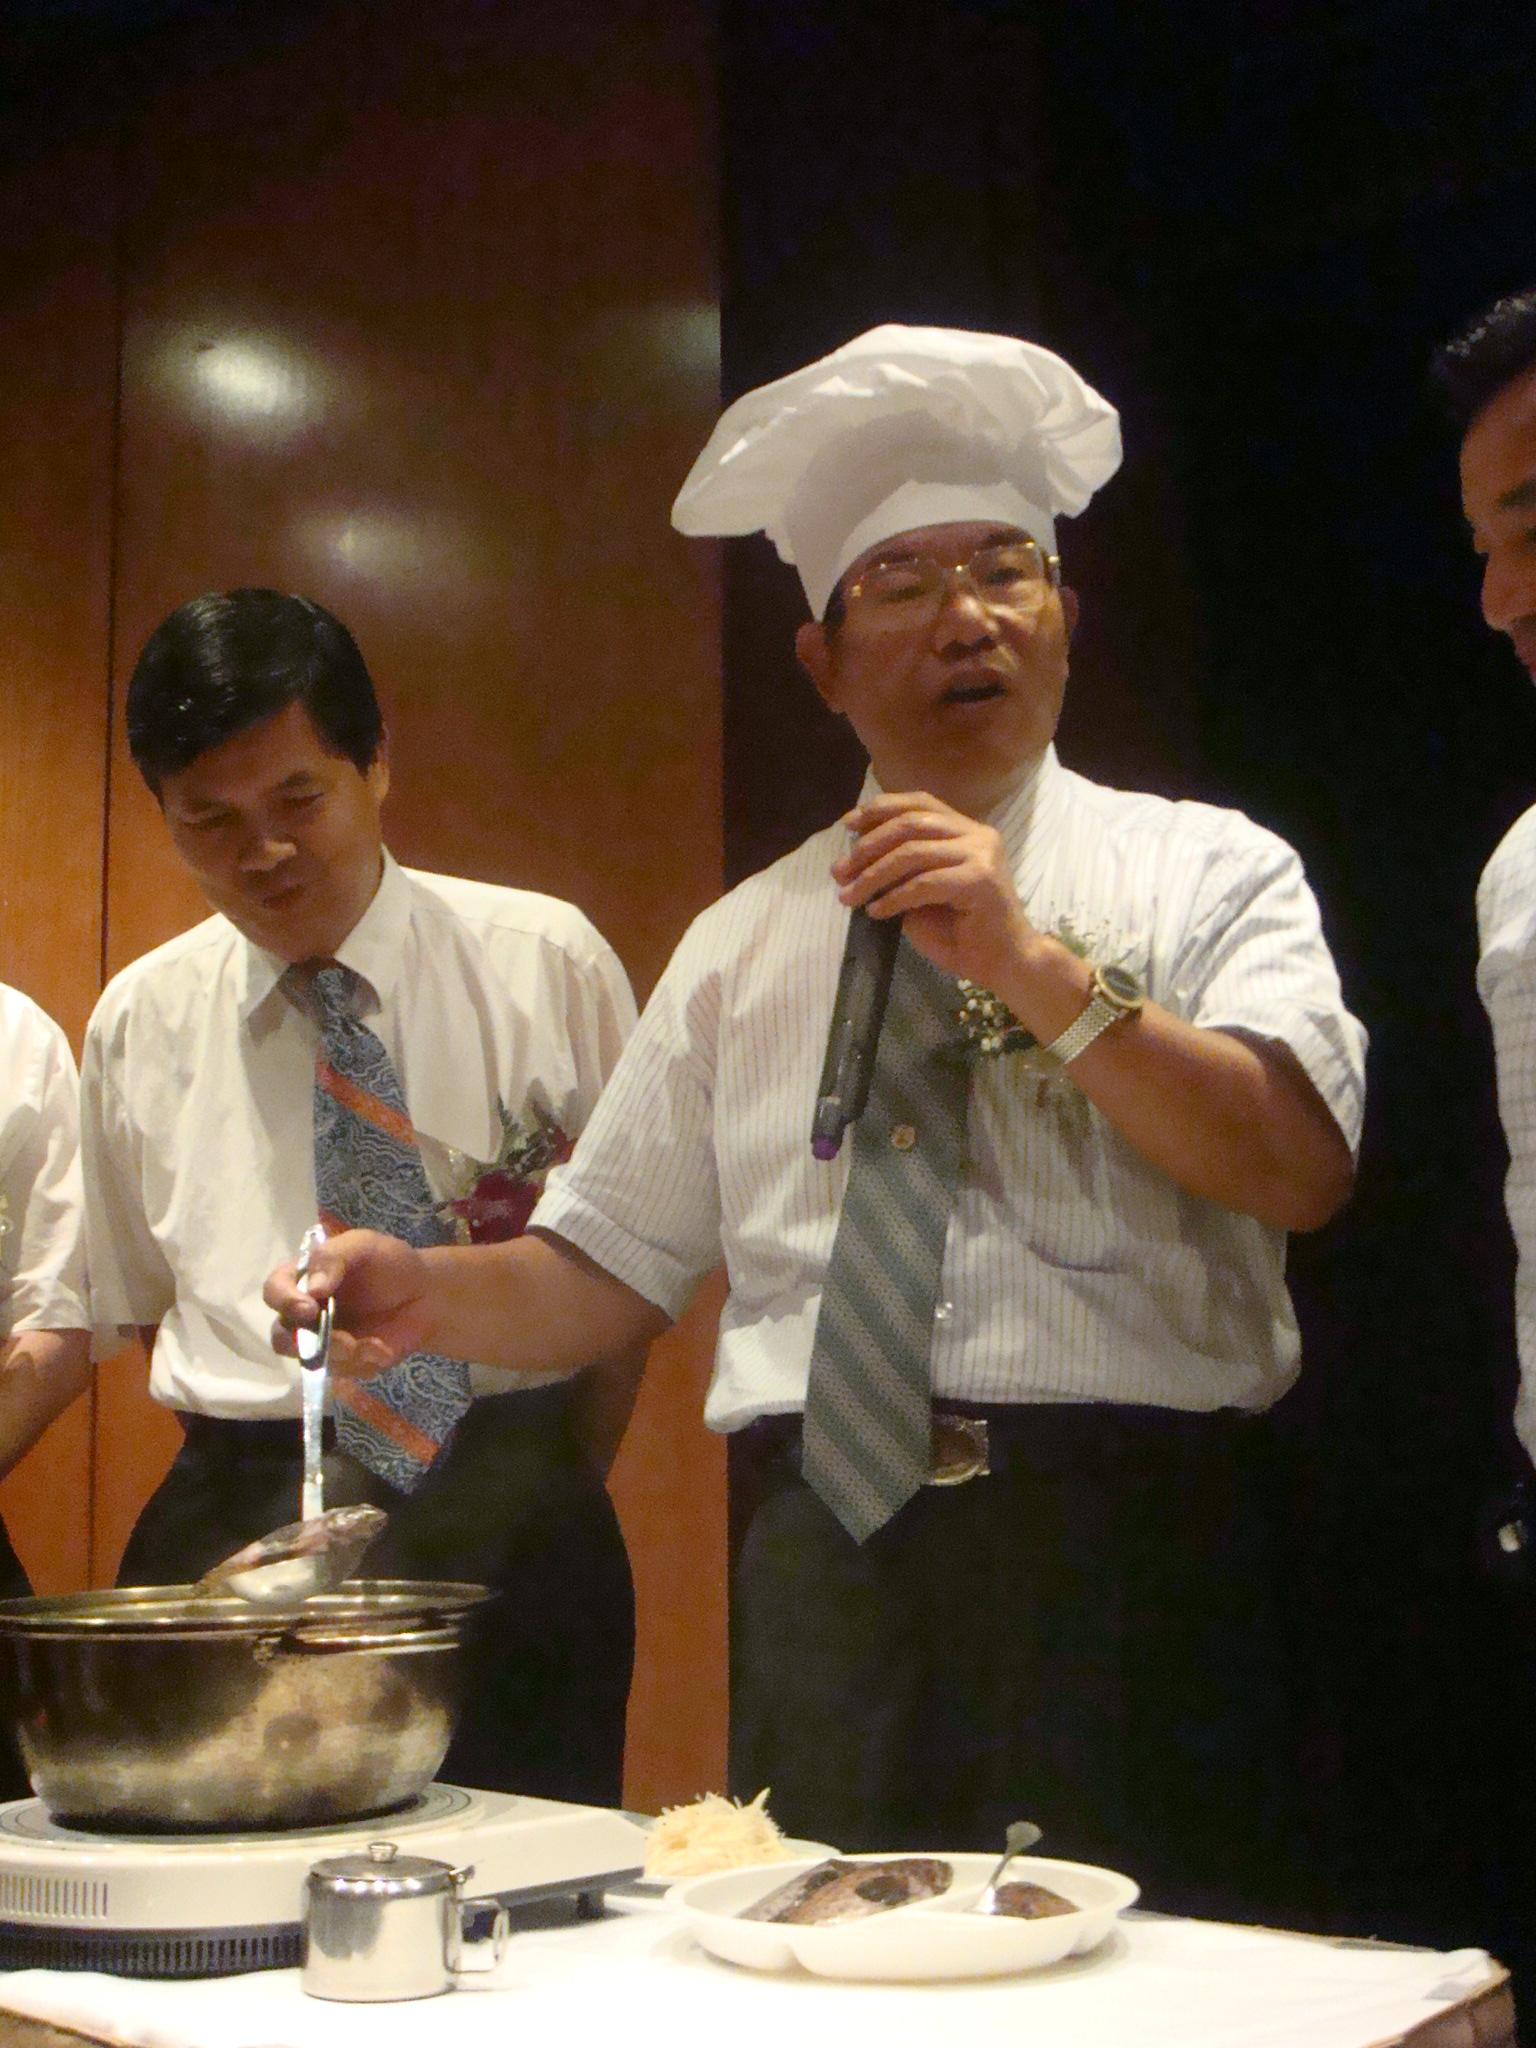 澎湖縣長王乾發於現場烹煮澎湖特產「玳瑁魚斑」邀請媒體朋友品嘗。